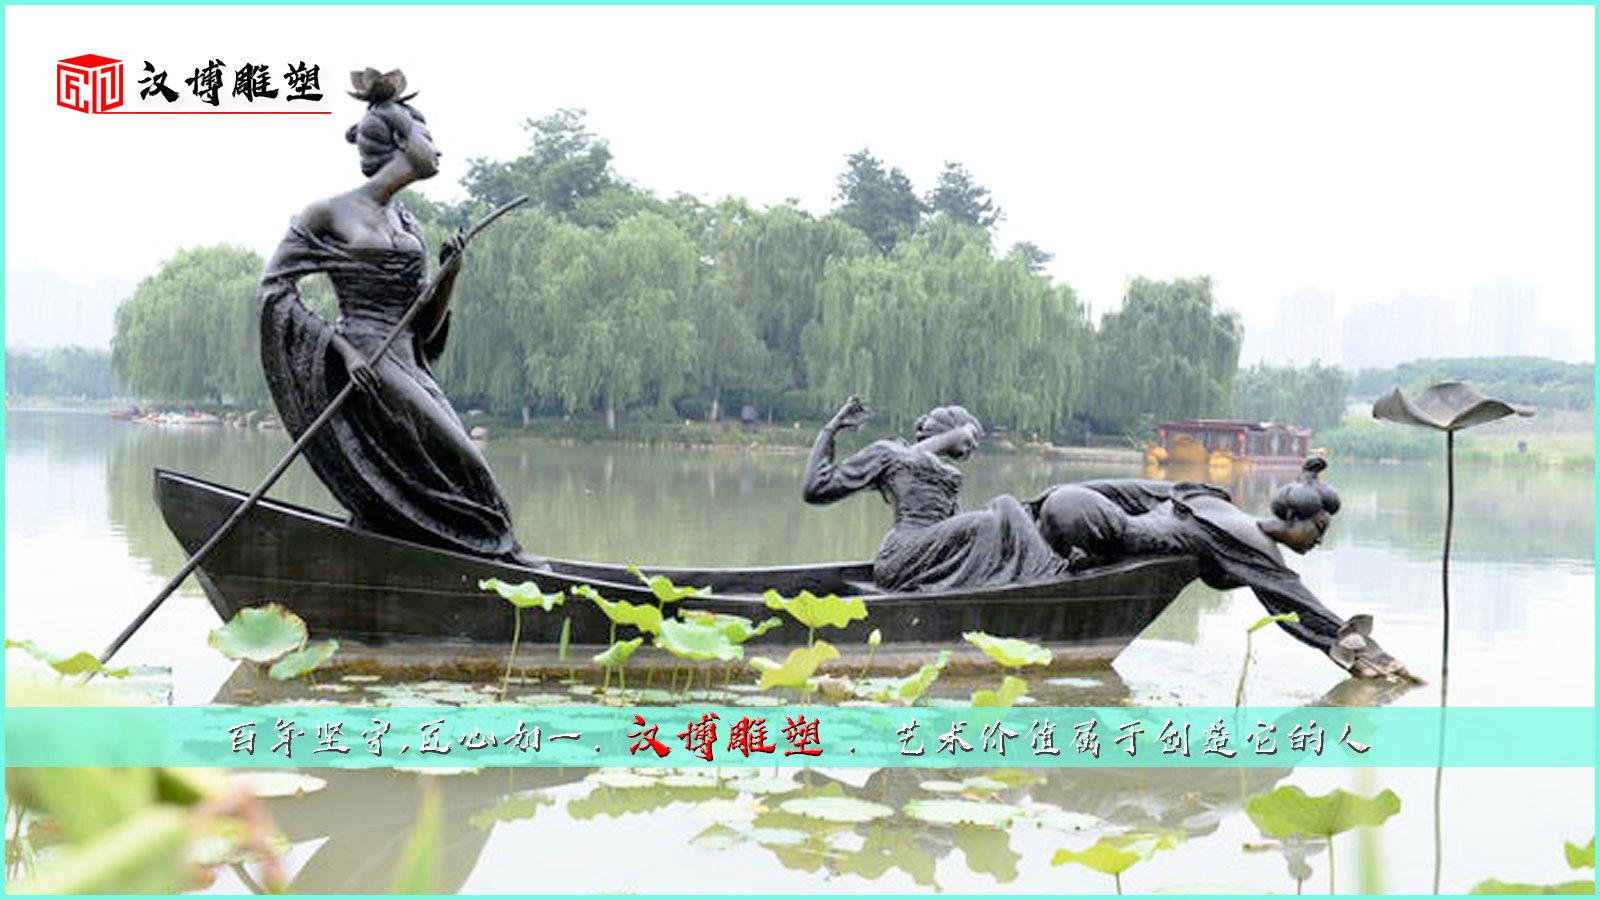 采莲女文化雕塑,一声明月采莲女,莲动影依依